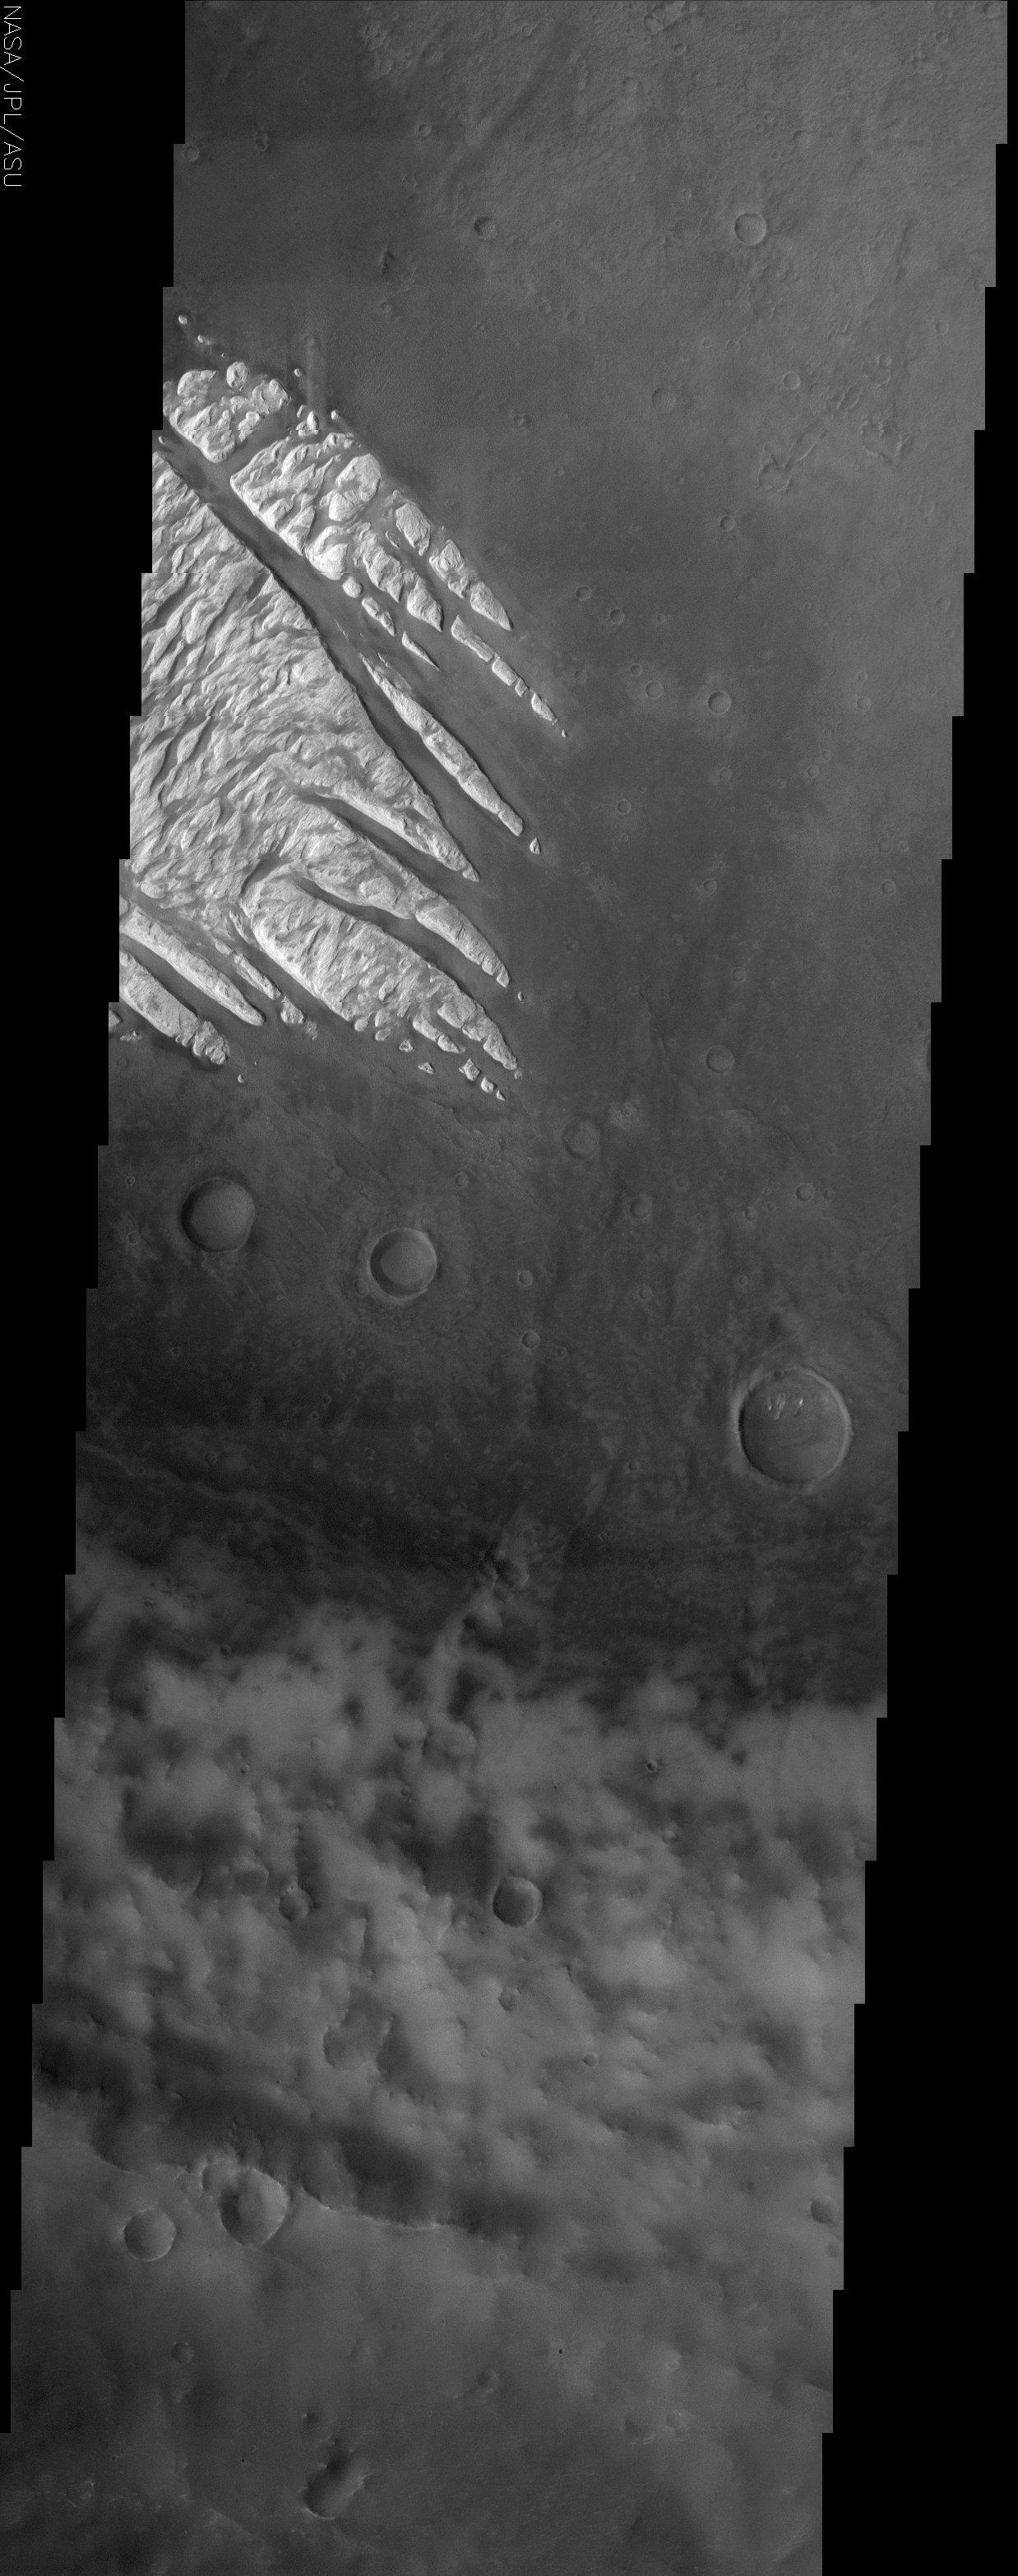 Des doigts de roches blanches sur Mars